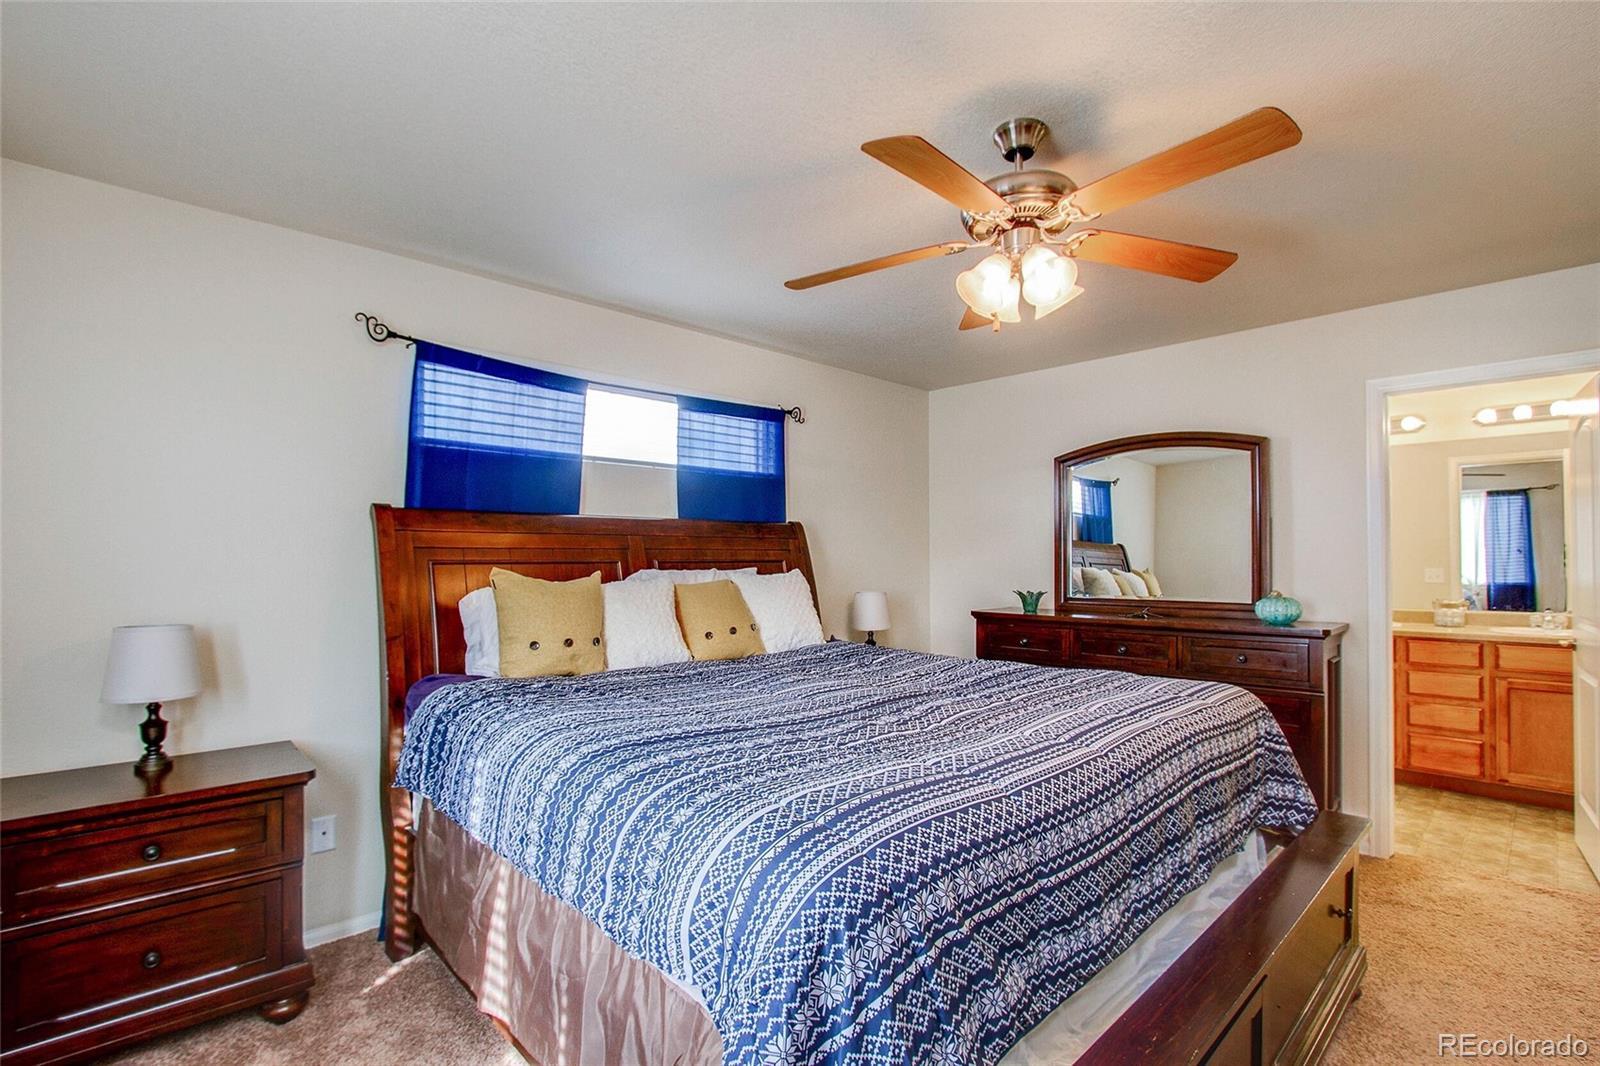 MLS# 4048176 - 19 - 6425 Dancing Star Way, Colorado Springs, CO 80911